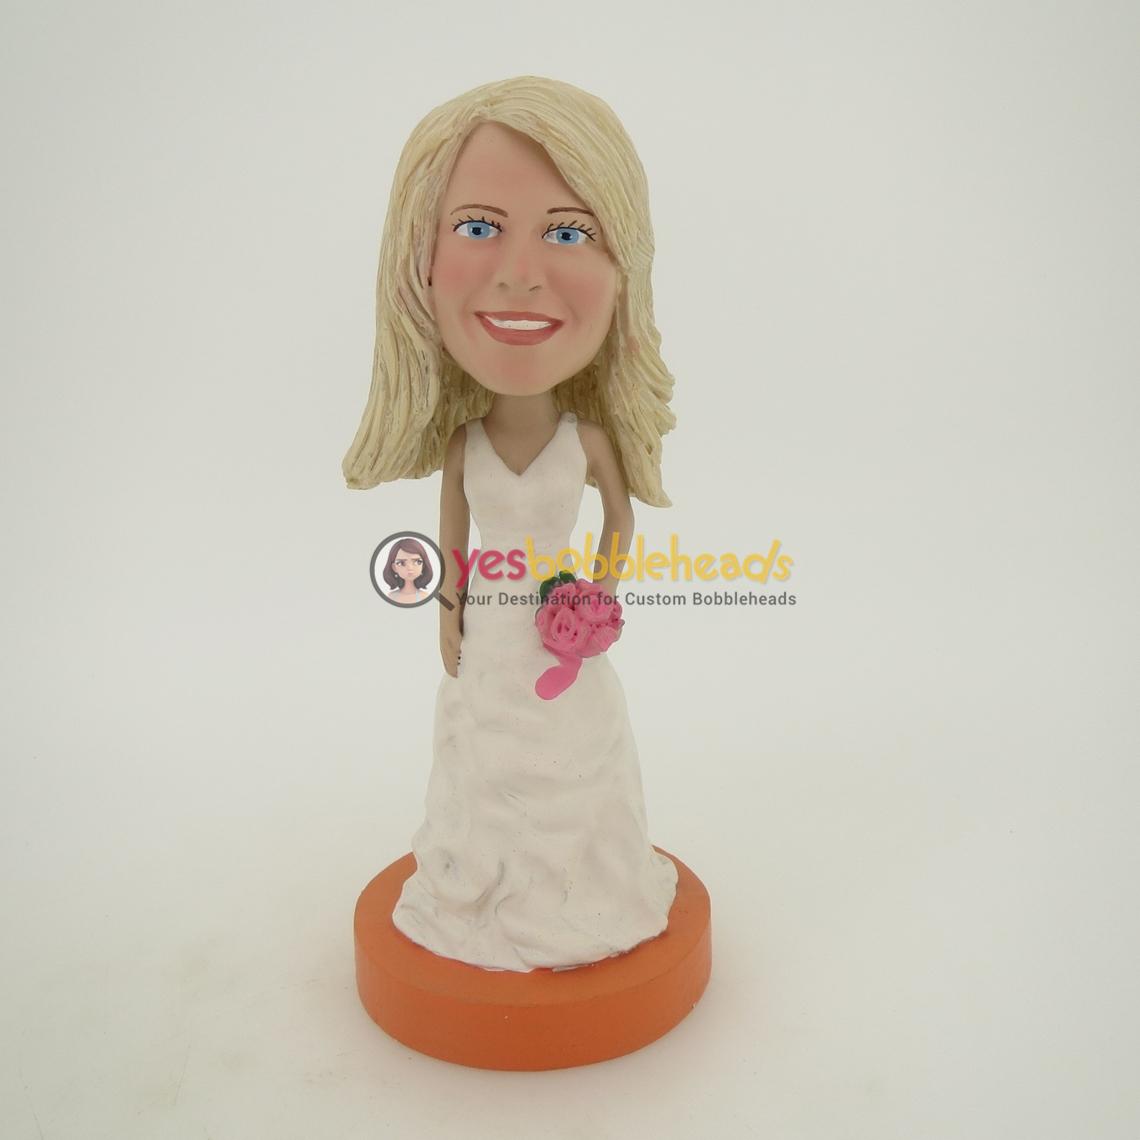 Picture of Custom Bobblehead Doll: White Wedding Dress Girl